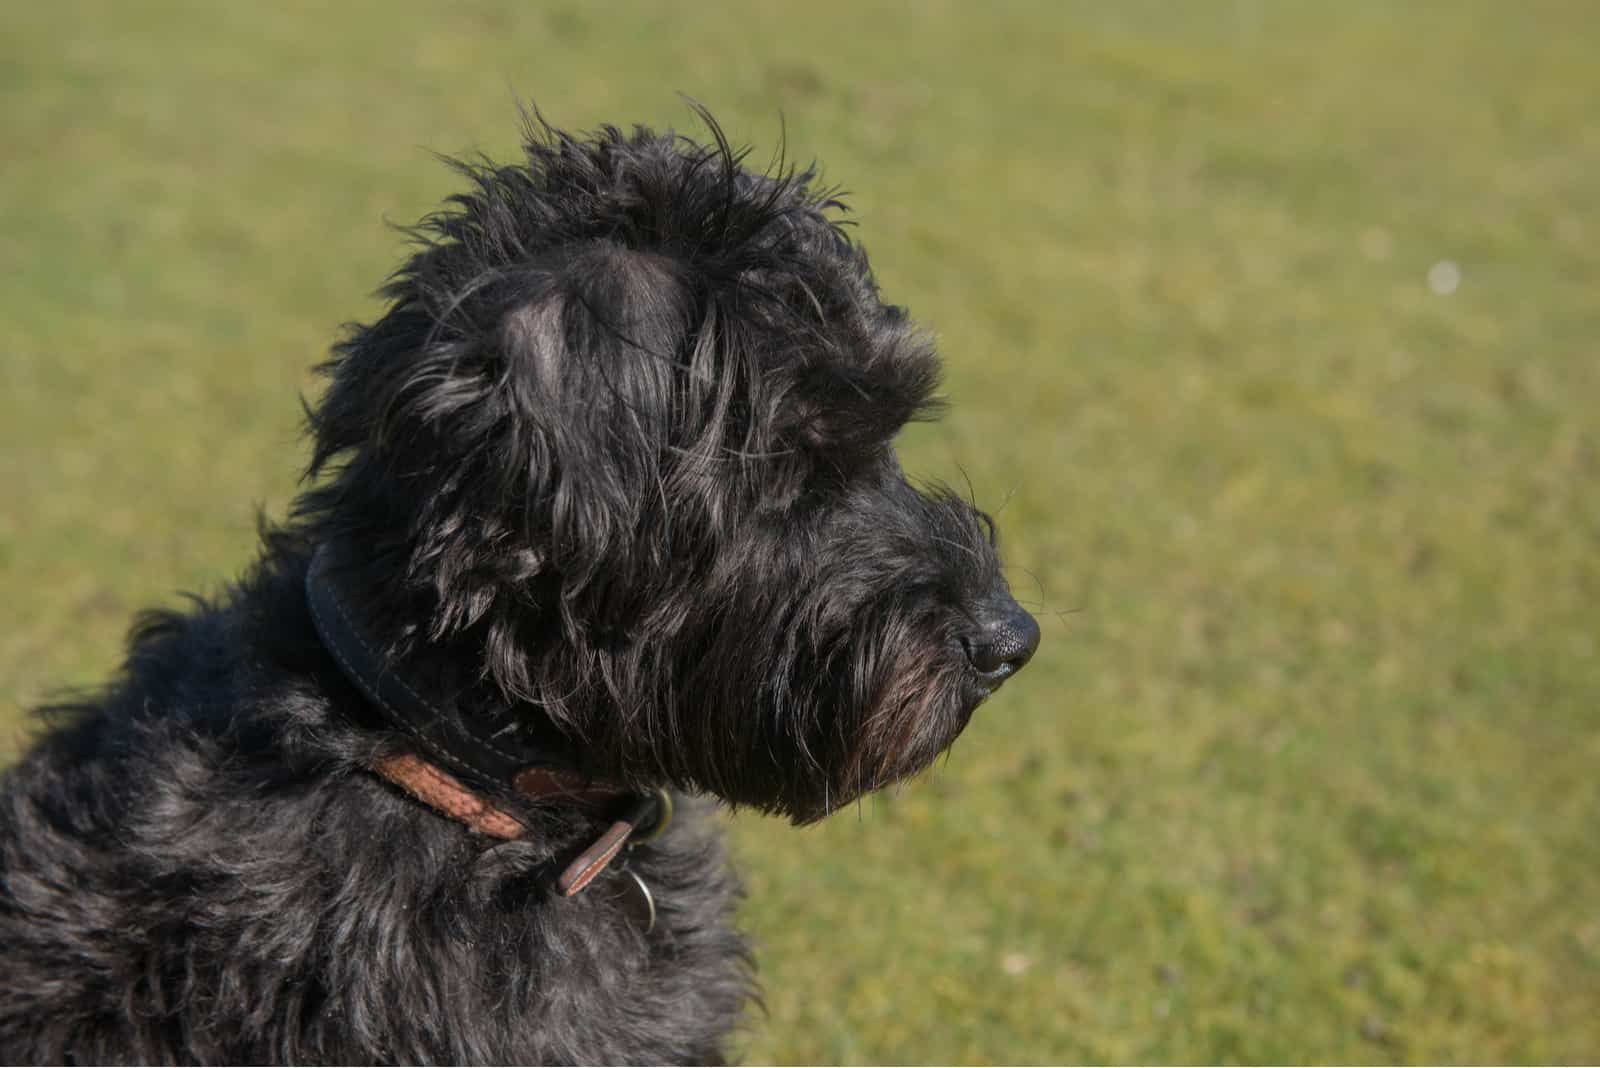 schwarzer schnoodle hund draußen auf dem gras